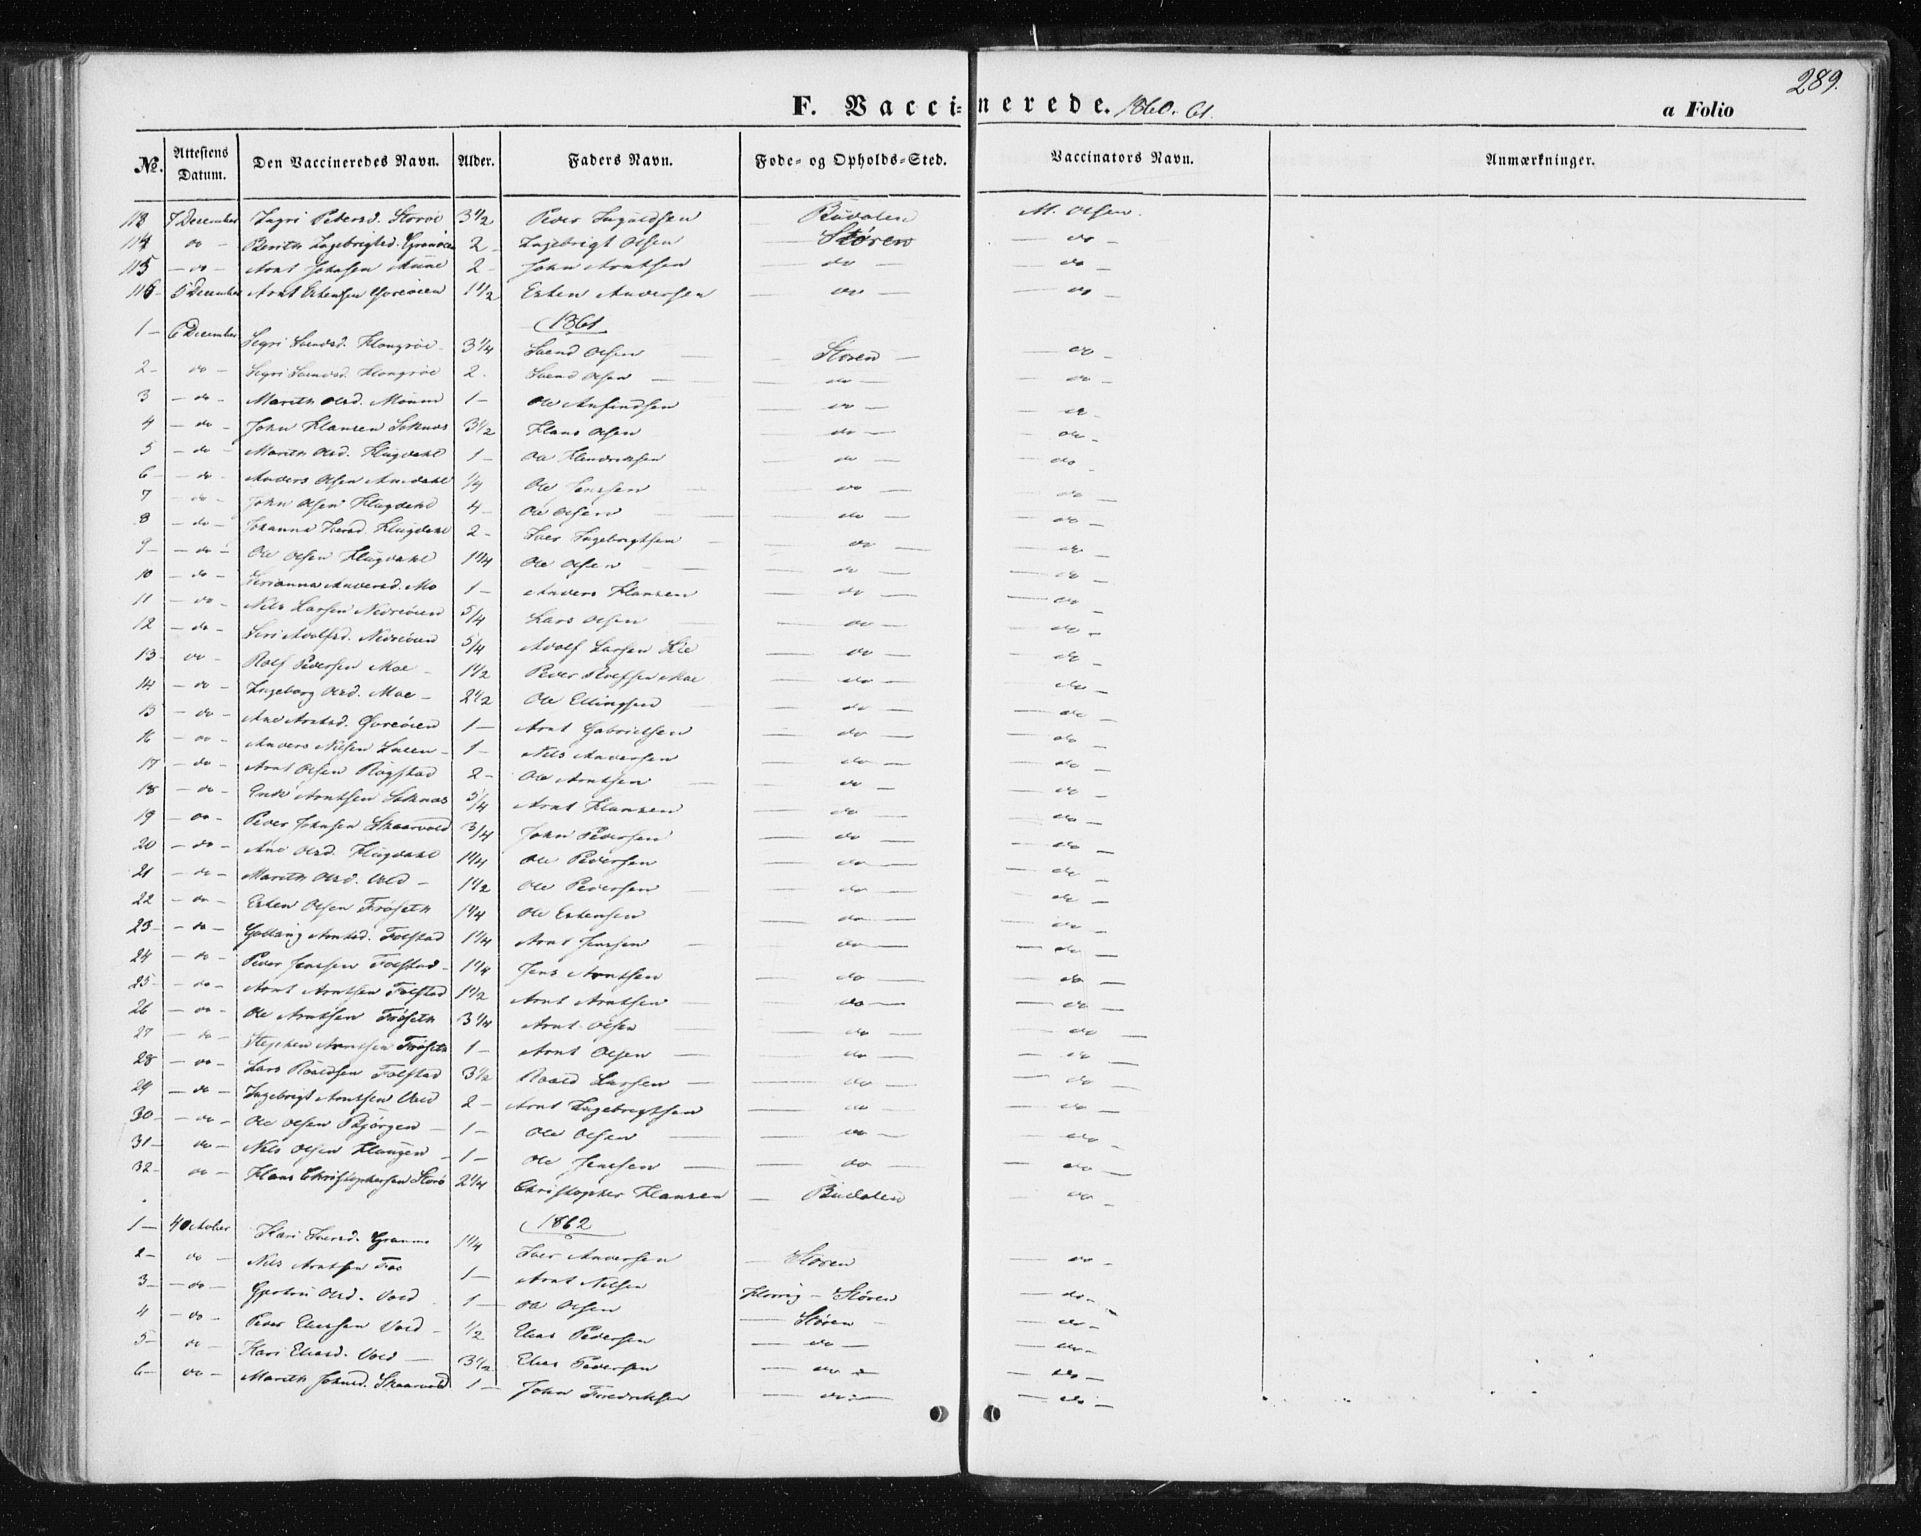 SAT, Ministerialprotokoller, klokkerbøker og fødselsregistre - Sør-Trøndelag, 687/L1000: Ministerialbok nr. 687A06, 1848-1869, s. 289